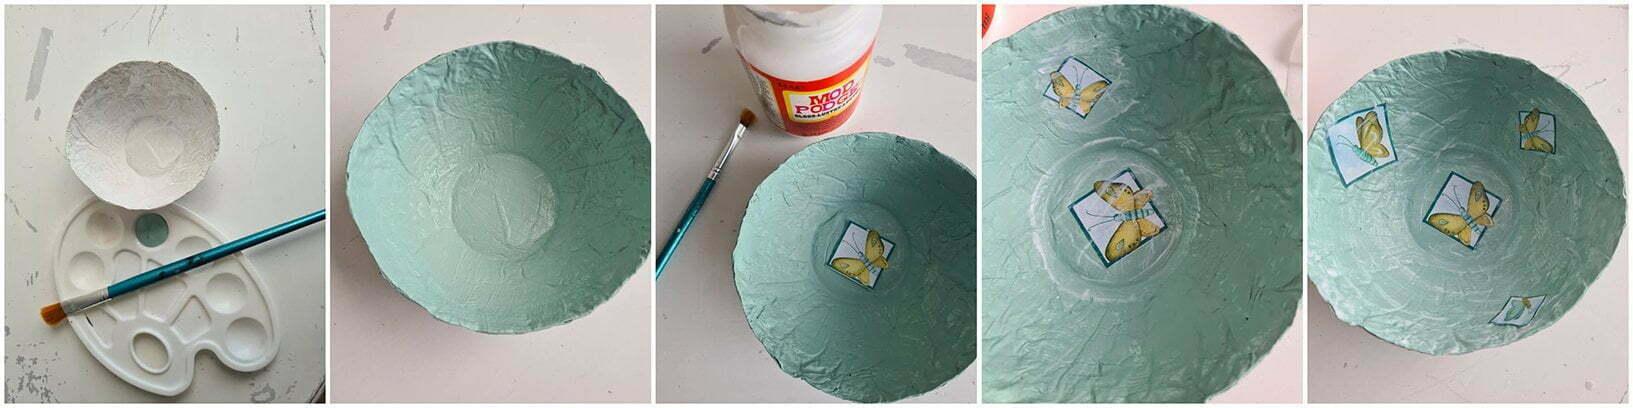 Vervolgens breng je over hele Papier Mâché decoratie schaaltje, Mod Podje met een kwast.